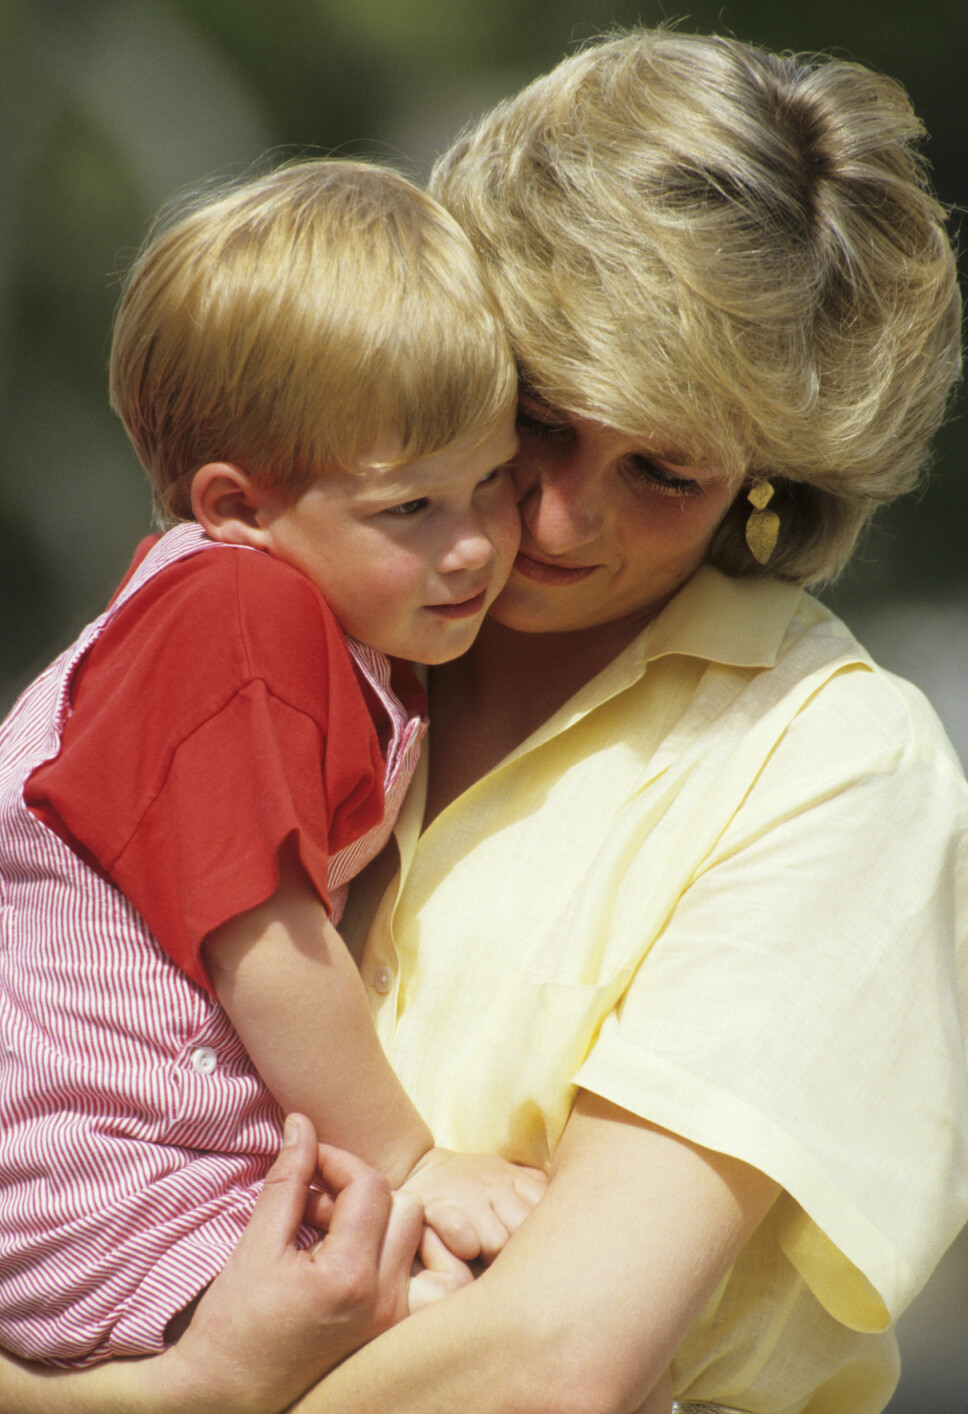 NÆRT FORHOLD: Prinsesse Diana uttalte før hun døde at hun følte at hun alltid måtte gi litt ekstra kjærlighet til yngstesønnen, prins Harry. Det førte til et ekstremt nært bånd mellom mor og sønn.